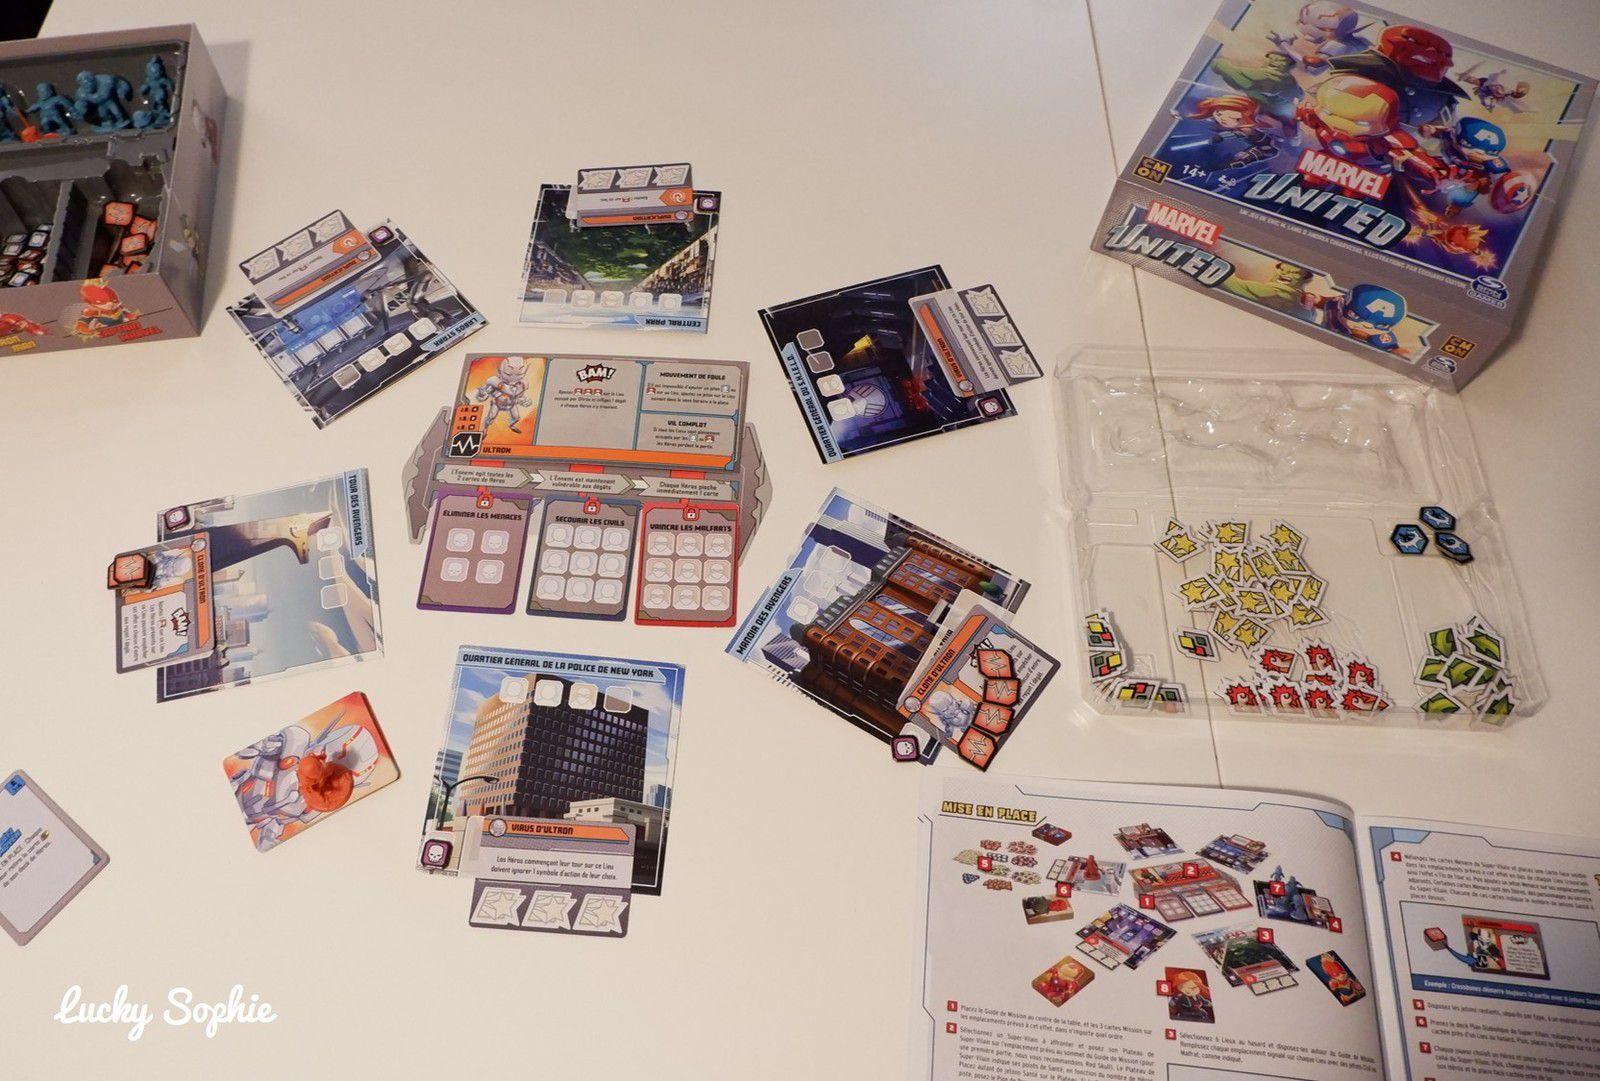 Lors de la mise en place, on dispose les cartes lieux sur lesquelles les héros et le Vilain pourront se déplacer. On décide quel Super Vilain matérialisé par une figurine et par son deck on va affronter. Chaque joueur choisit un Avenger et saisit le deck qui lui est associé.